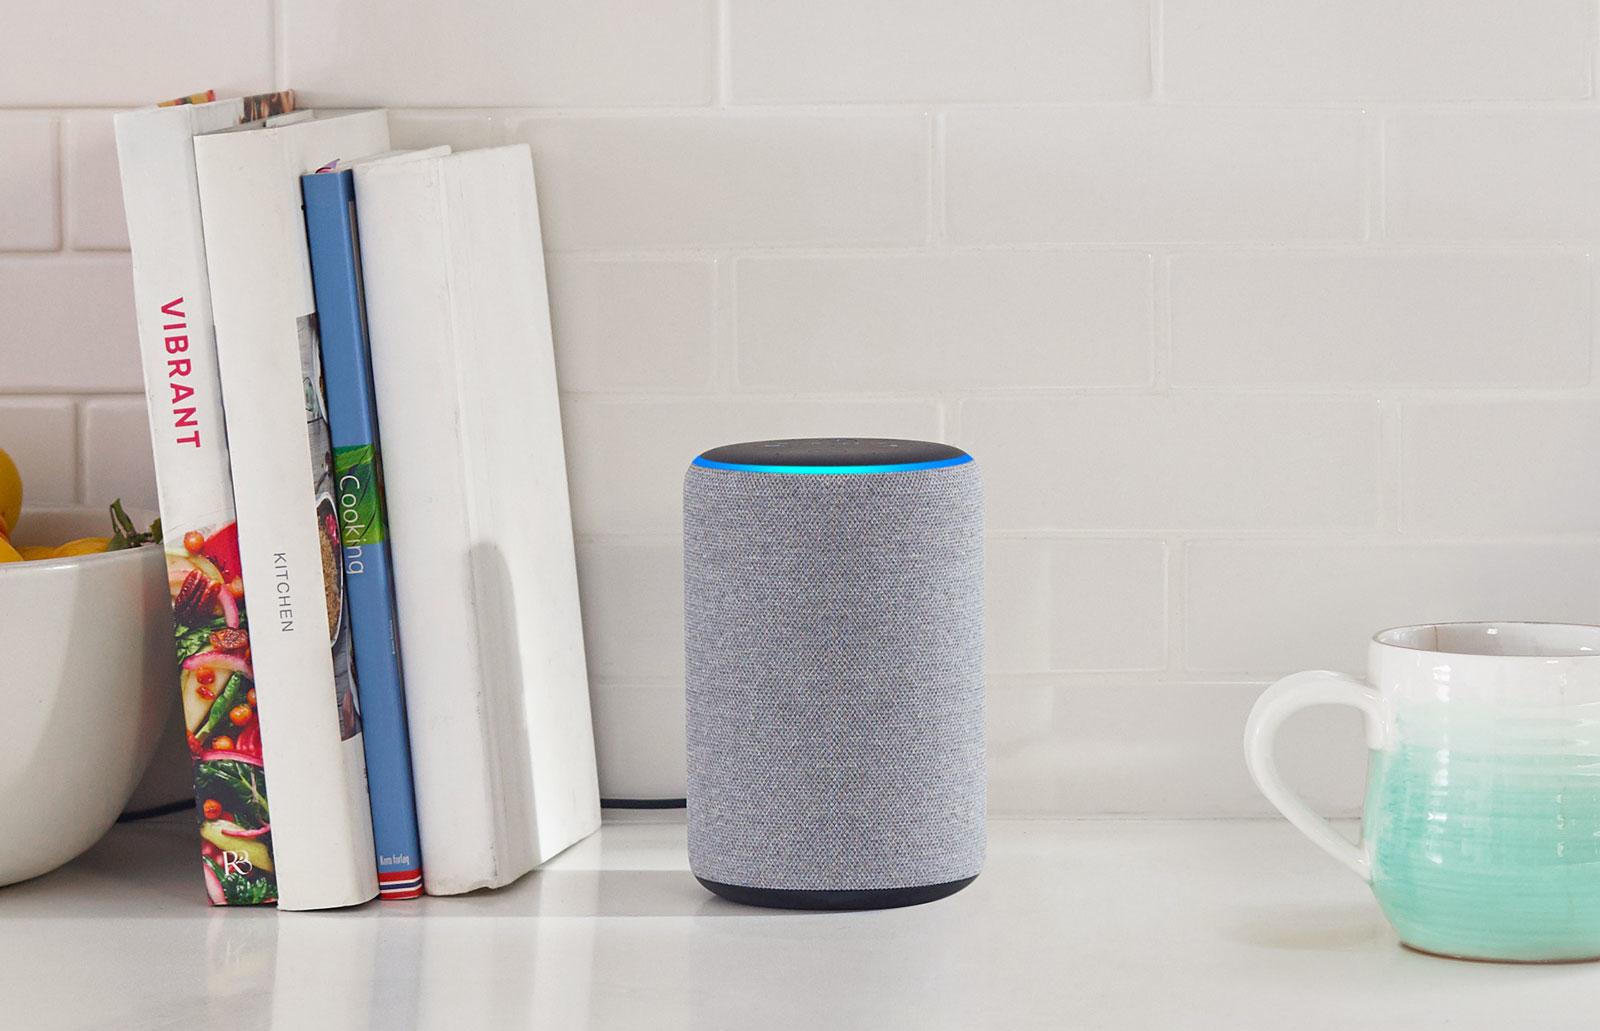 Amazon lancia una vagomata di nuovi dispositivi Alexa